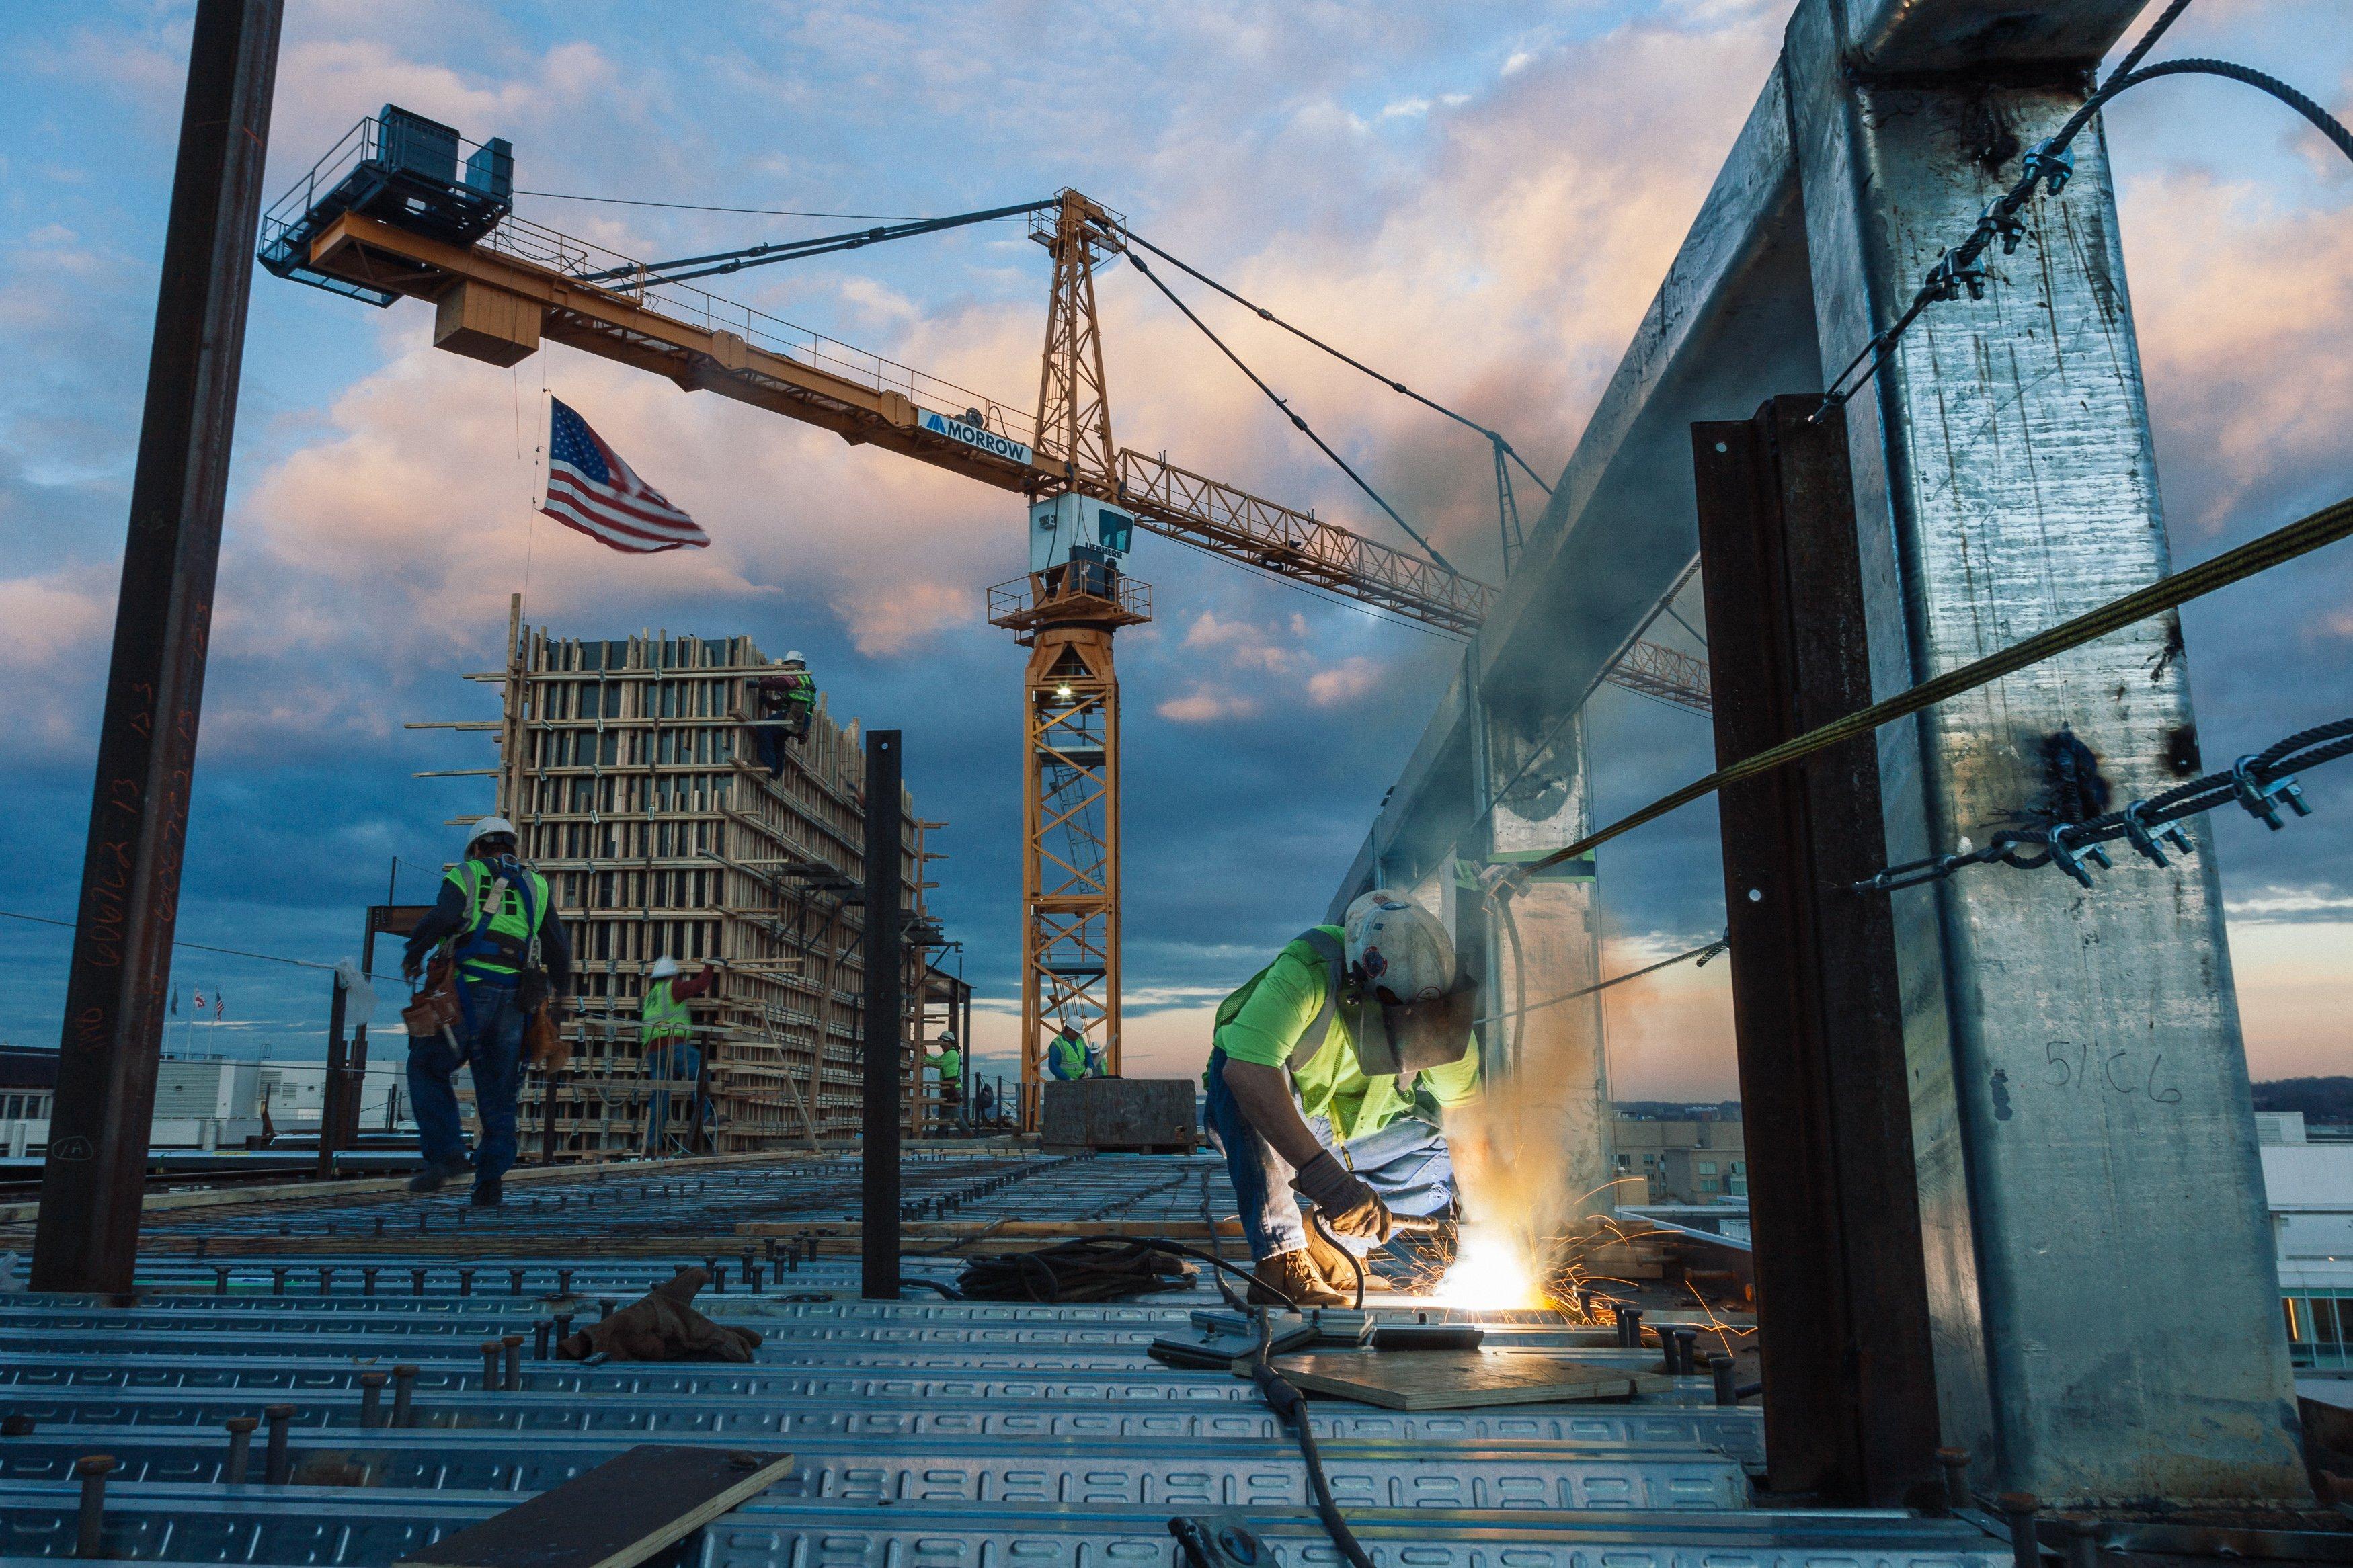 Davis Construction and HammerTech